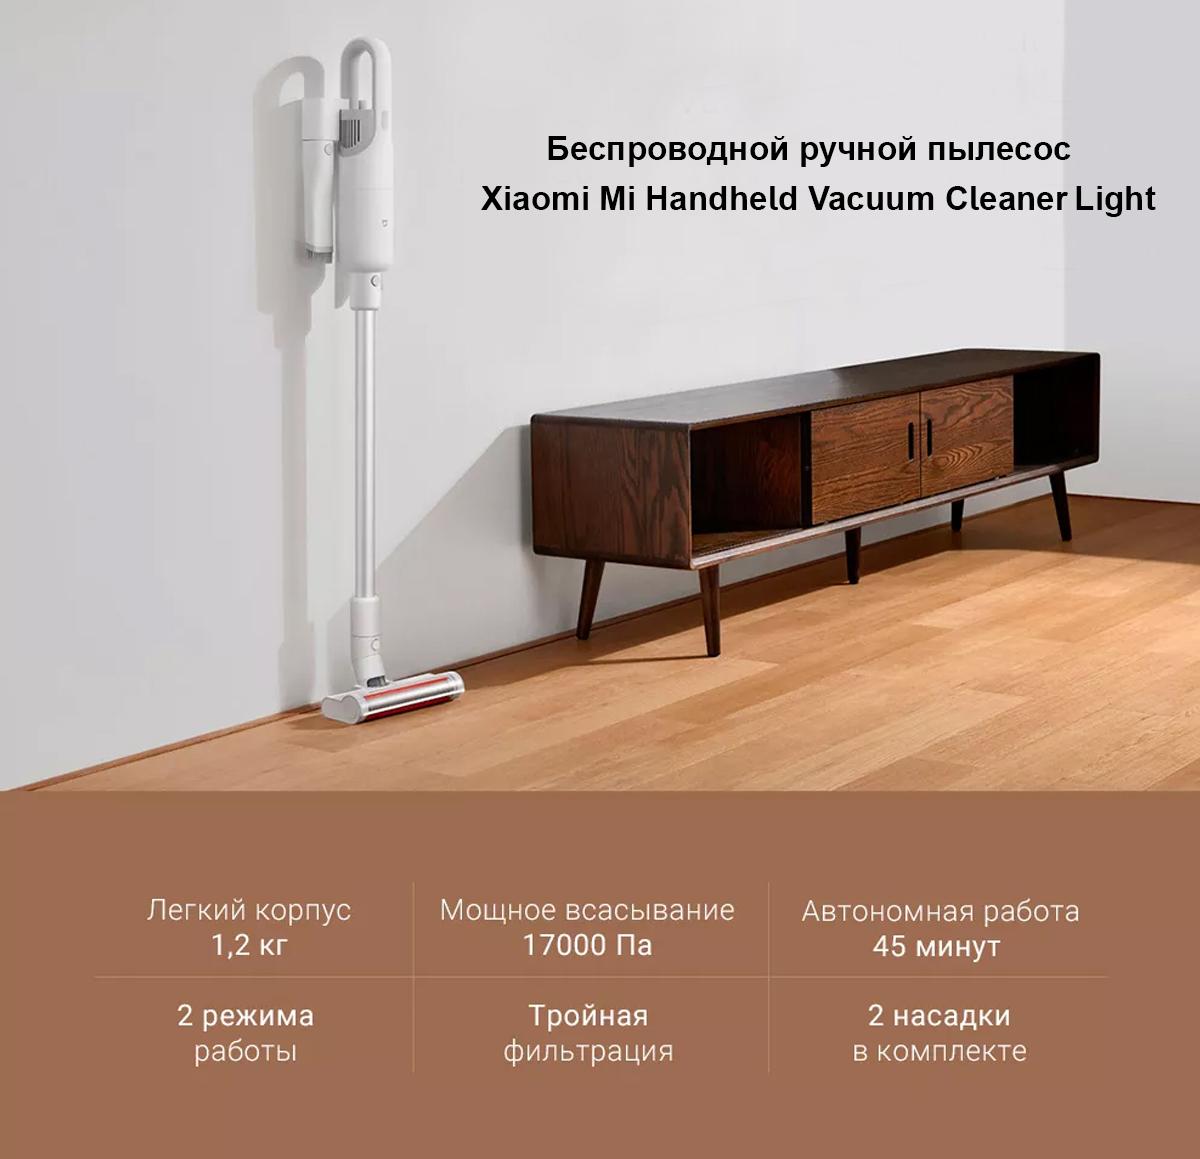 Беспроводной ручной пылесос Xiaomi Mi Handheld Vacuum Cleaner Light